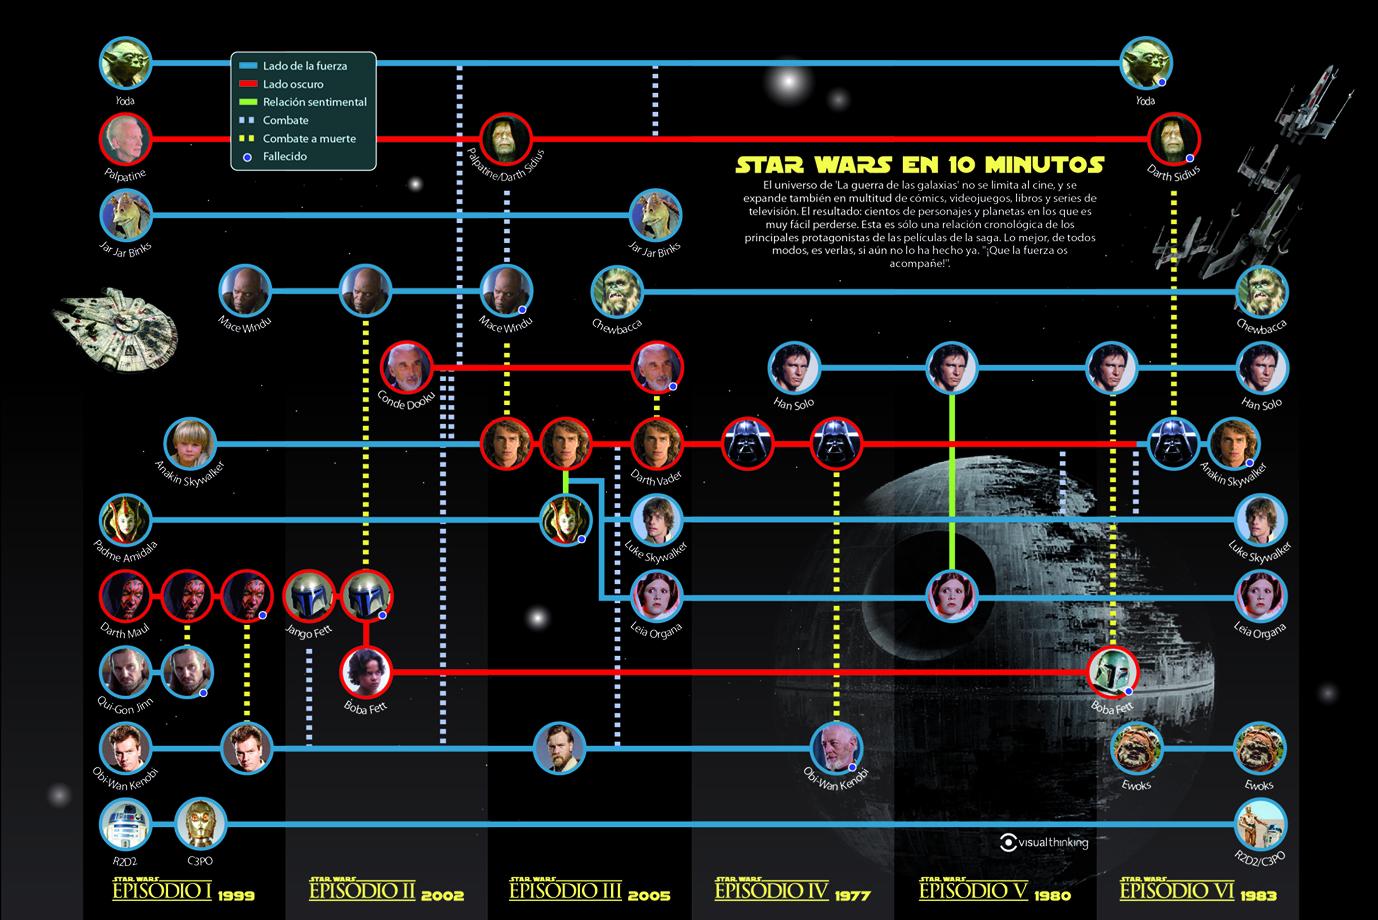 Star Wars Visual Thinking